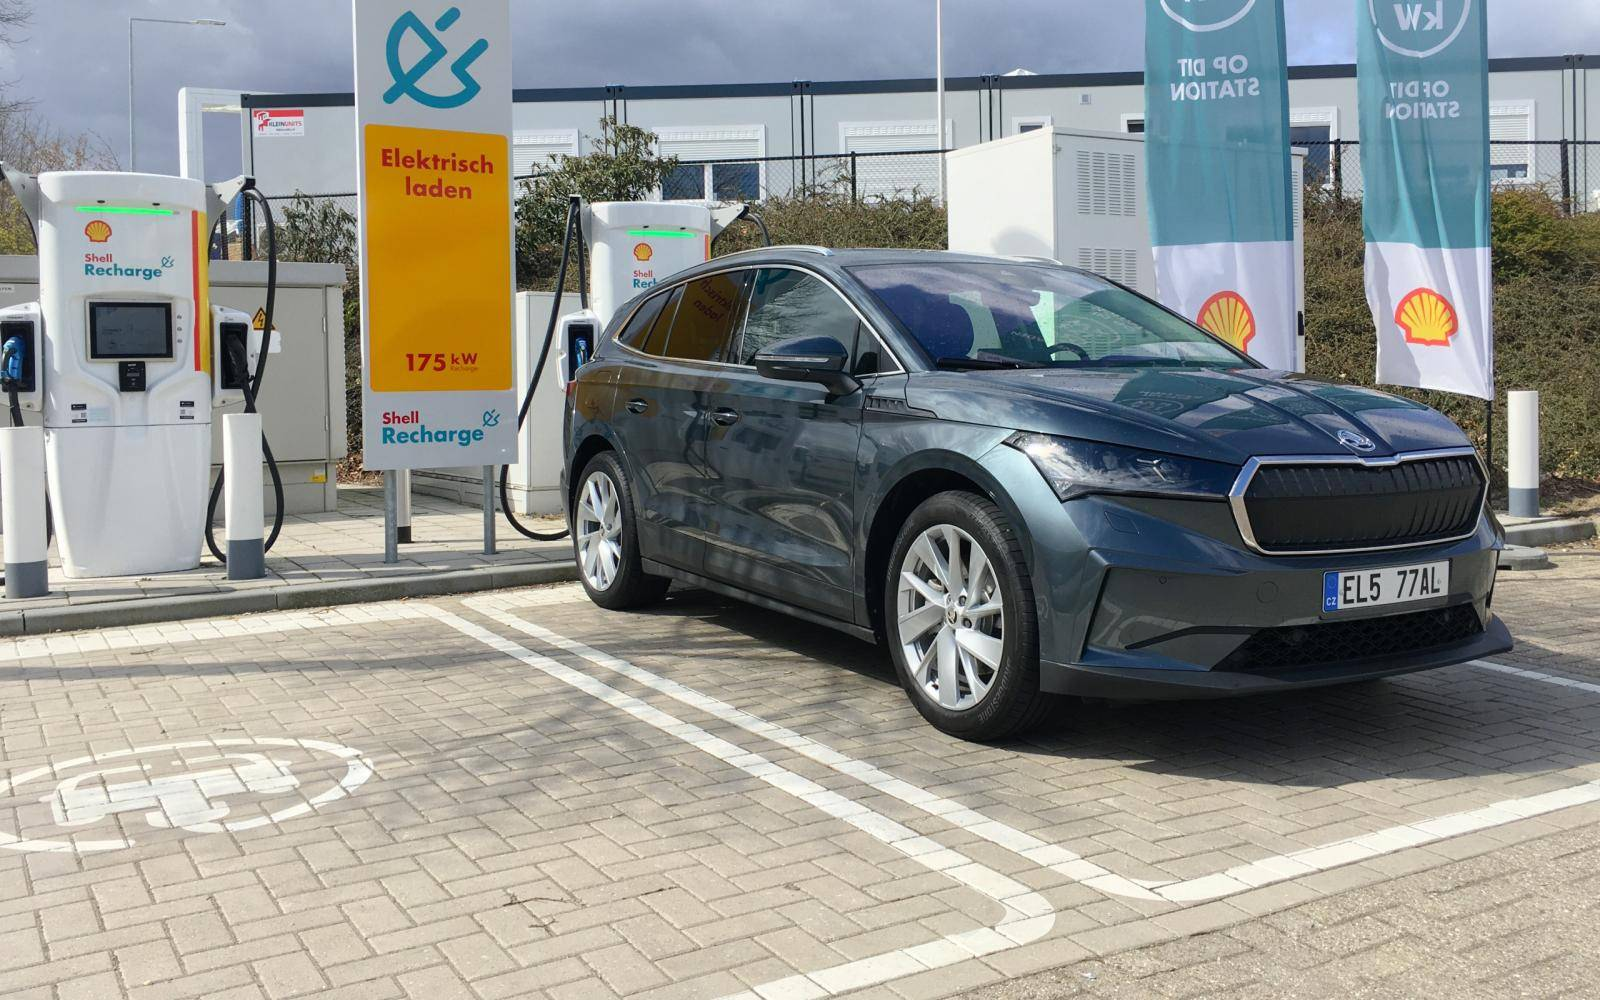 Column: Je moet veel leren als je een elektrische auto koopt